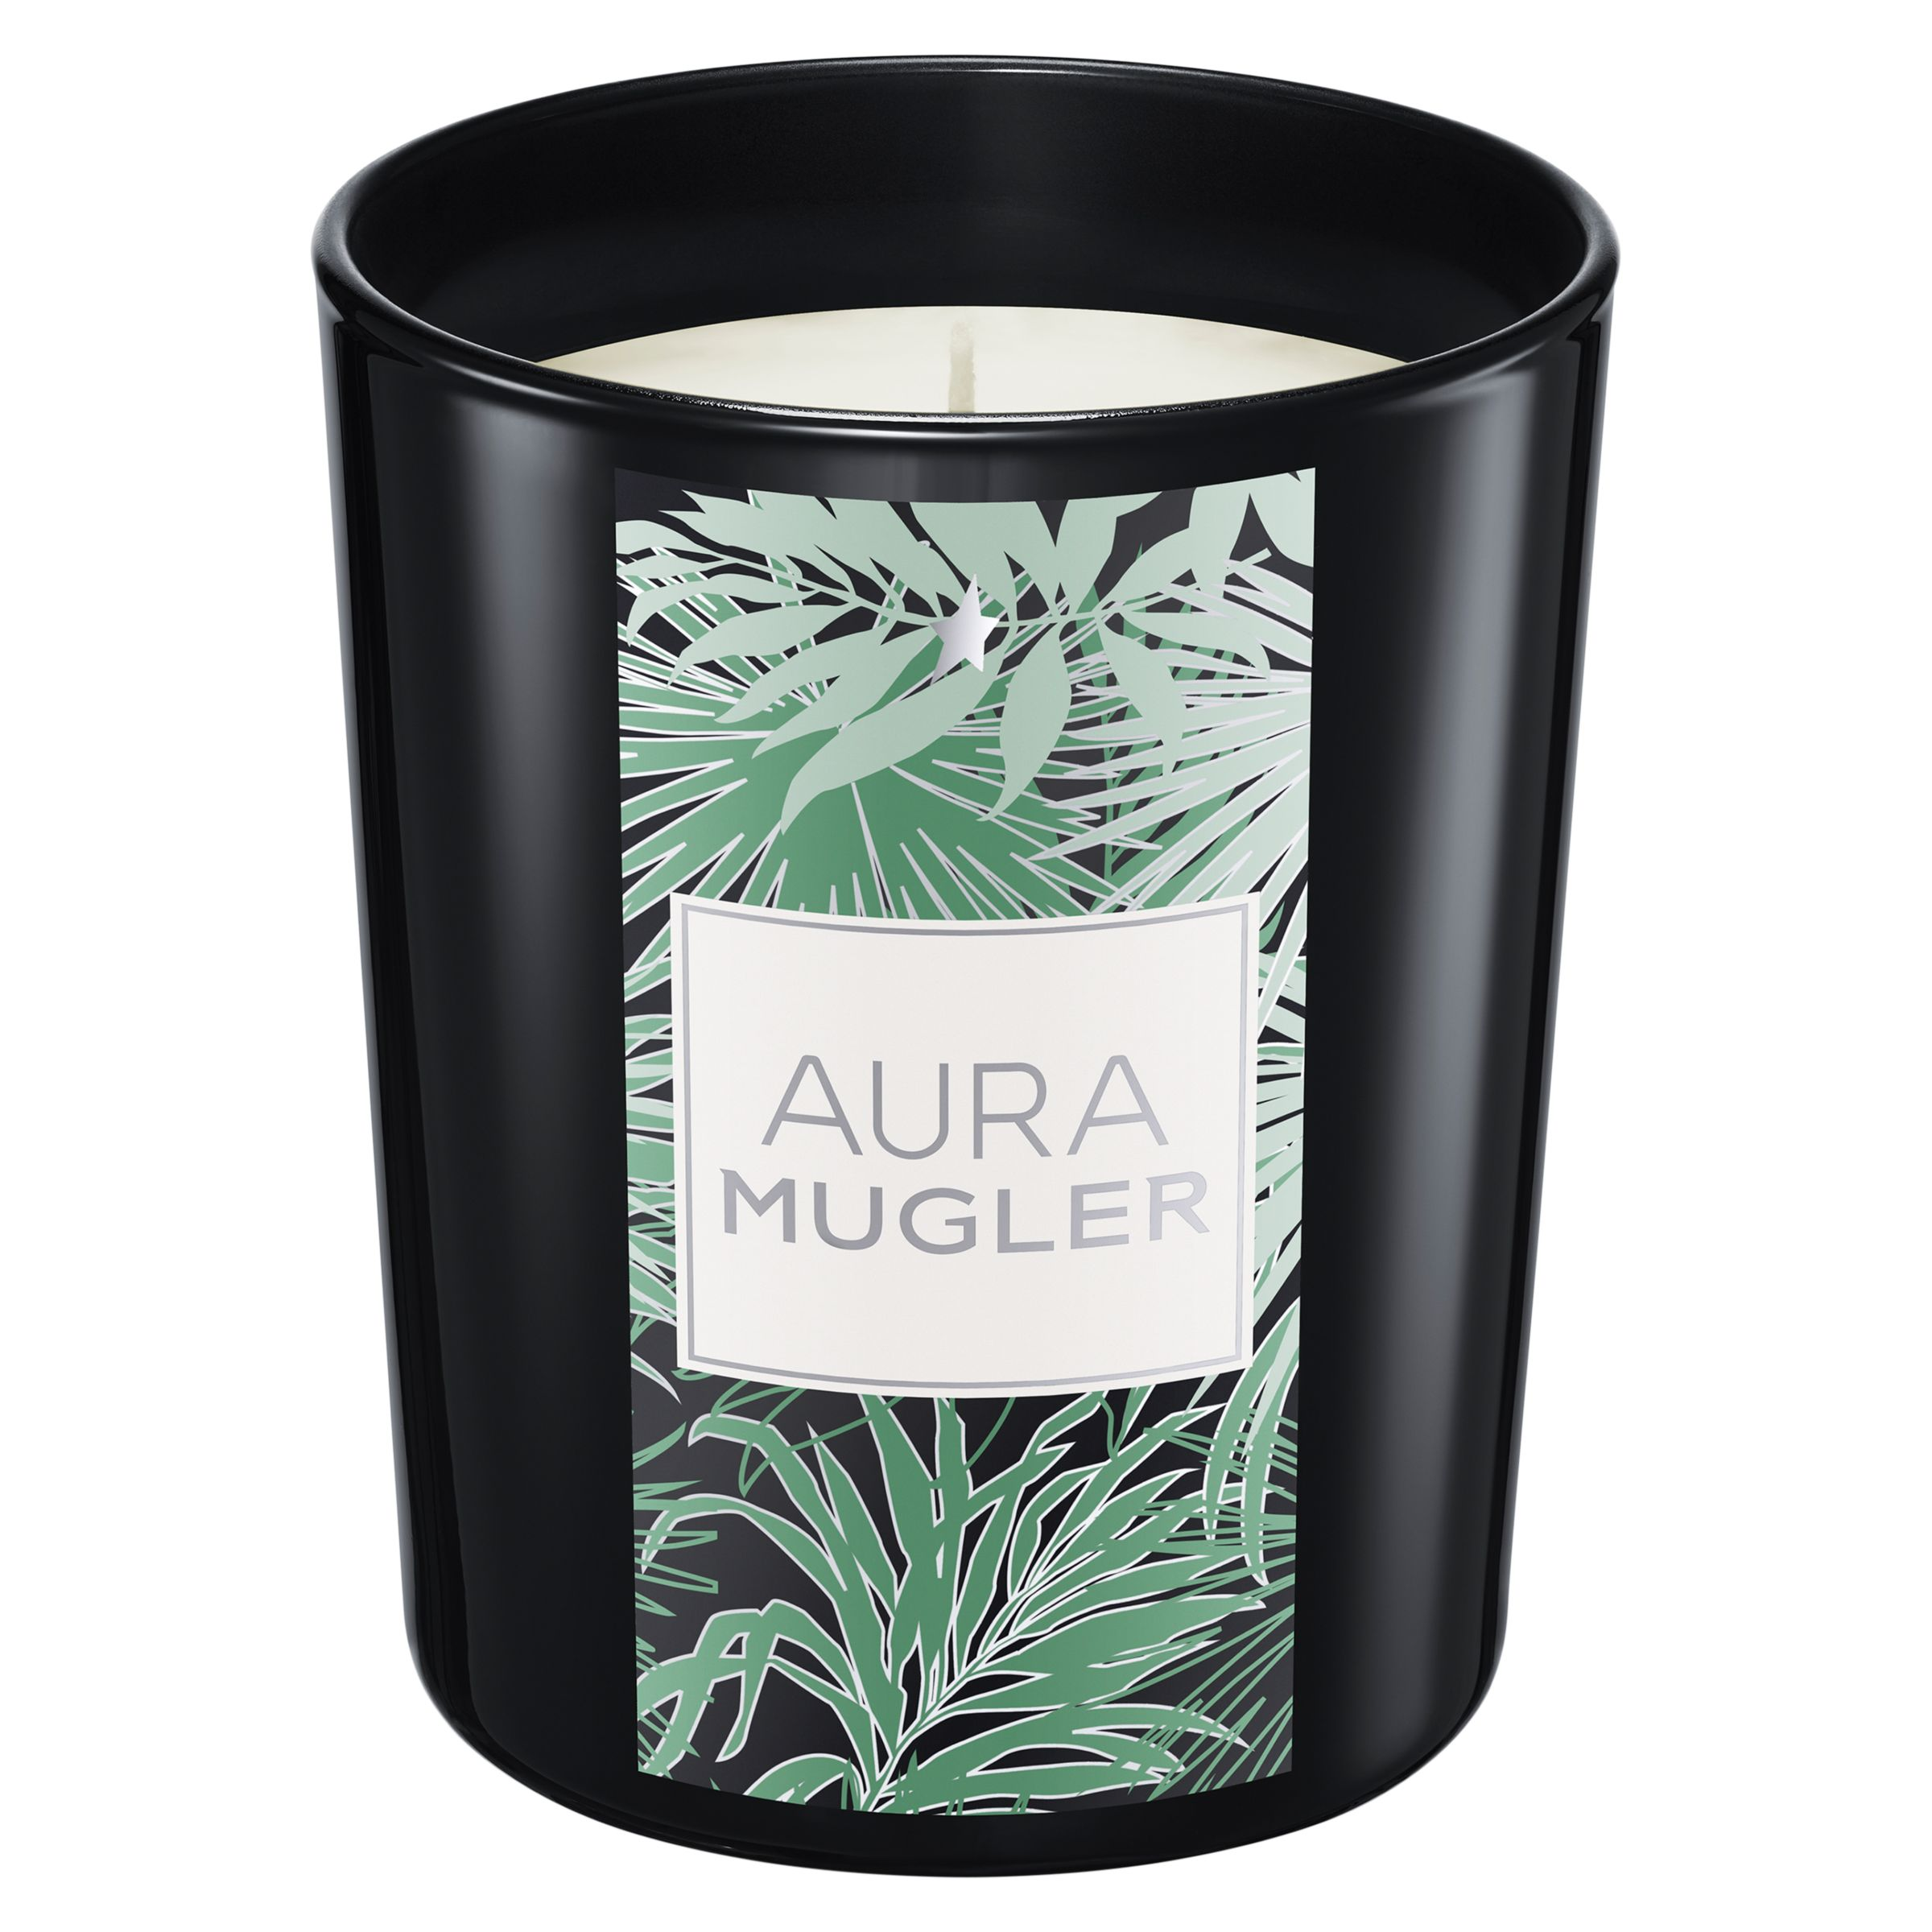 Mugler Mugler Aura Scented Candle, 180g